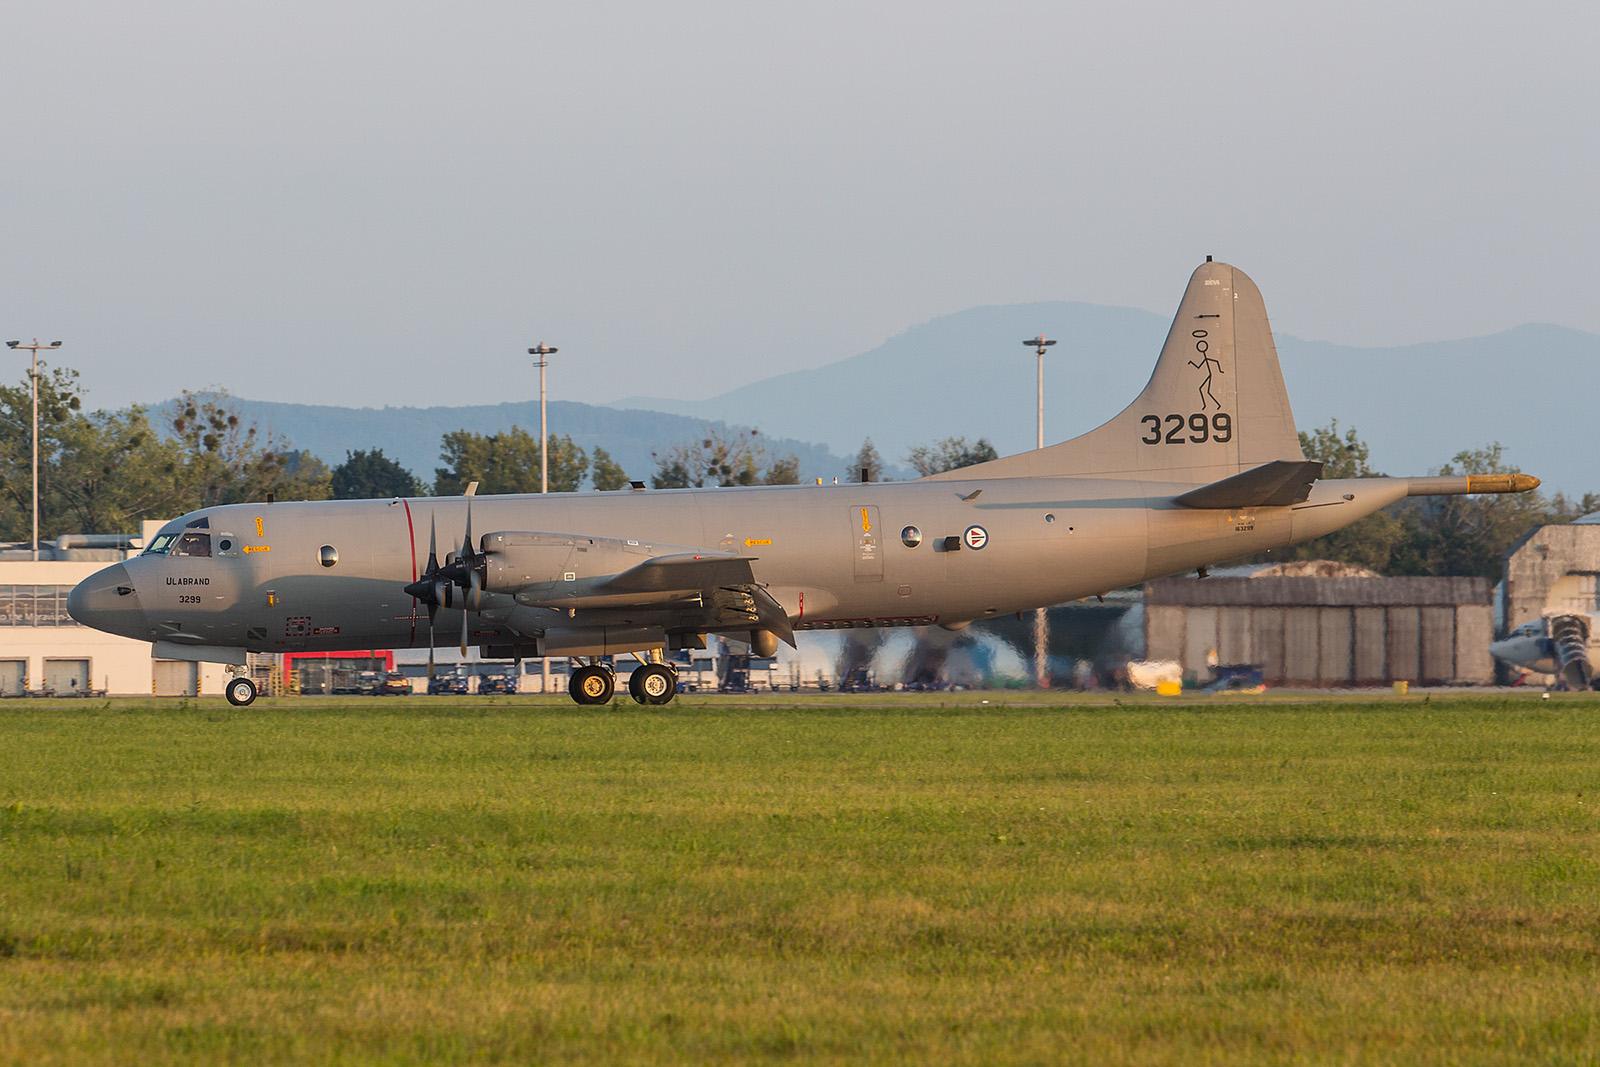 Von der Andøya flystasjon im Norden Norwegens kam diese P-3C Orion.